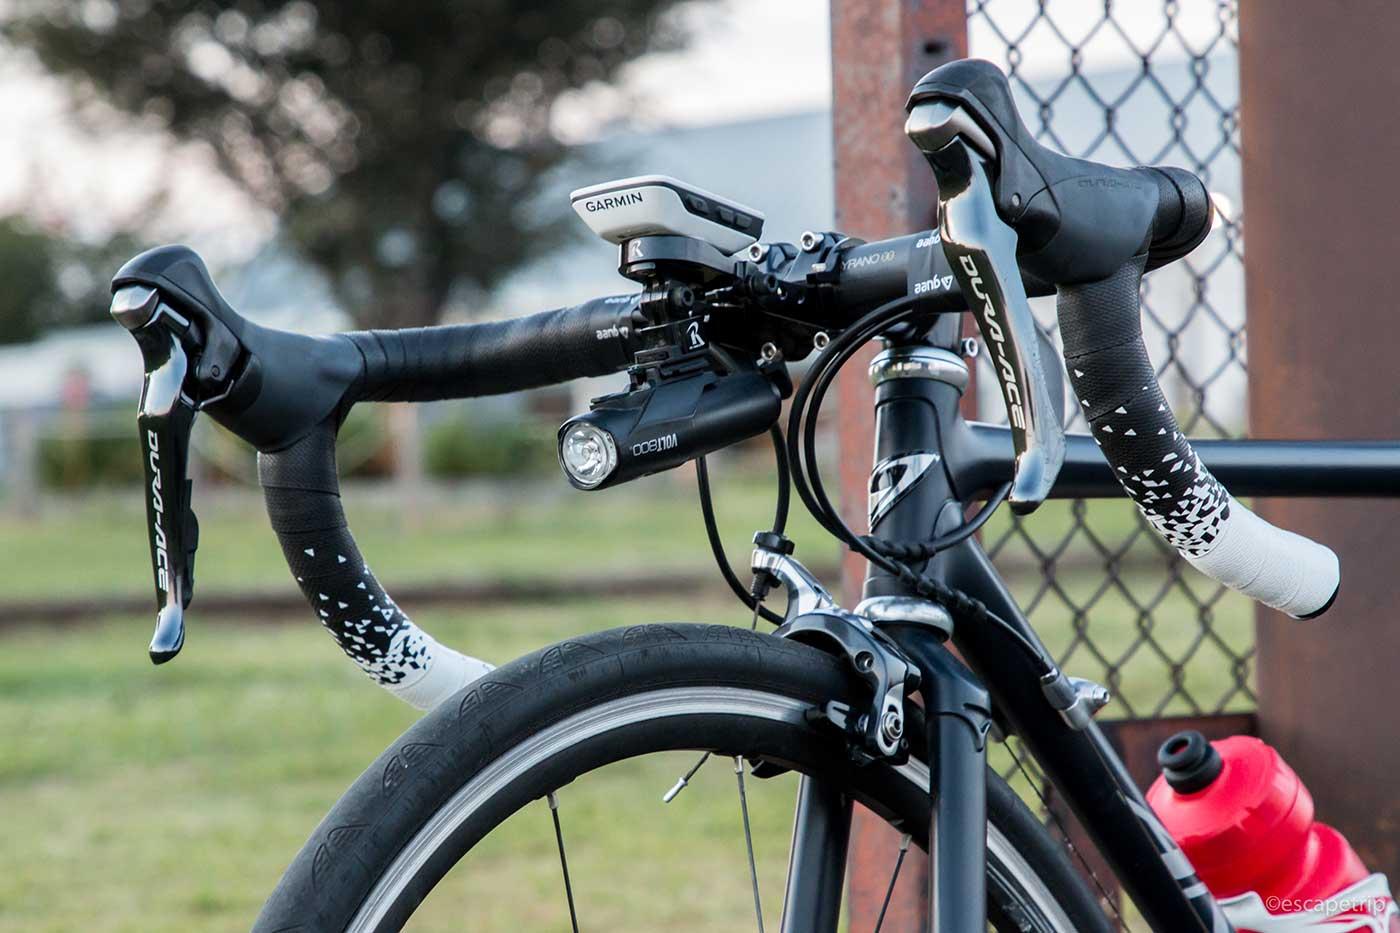 ロードバイクのハンドル部分